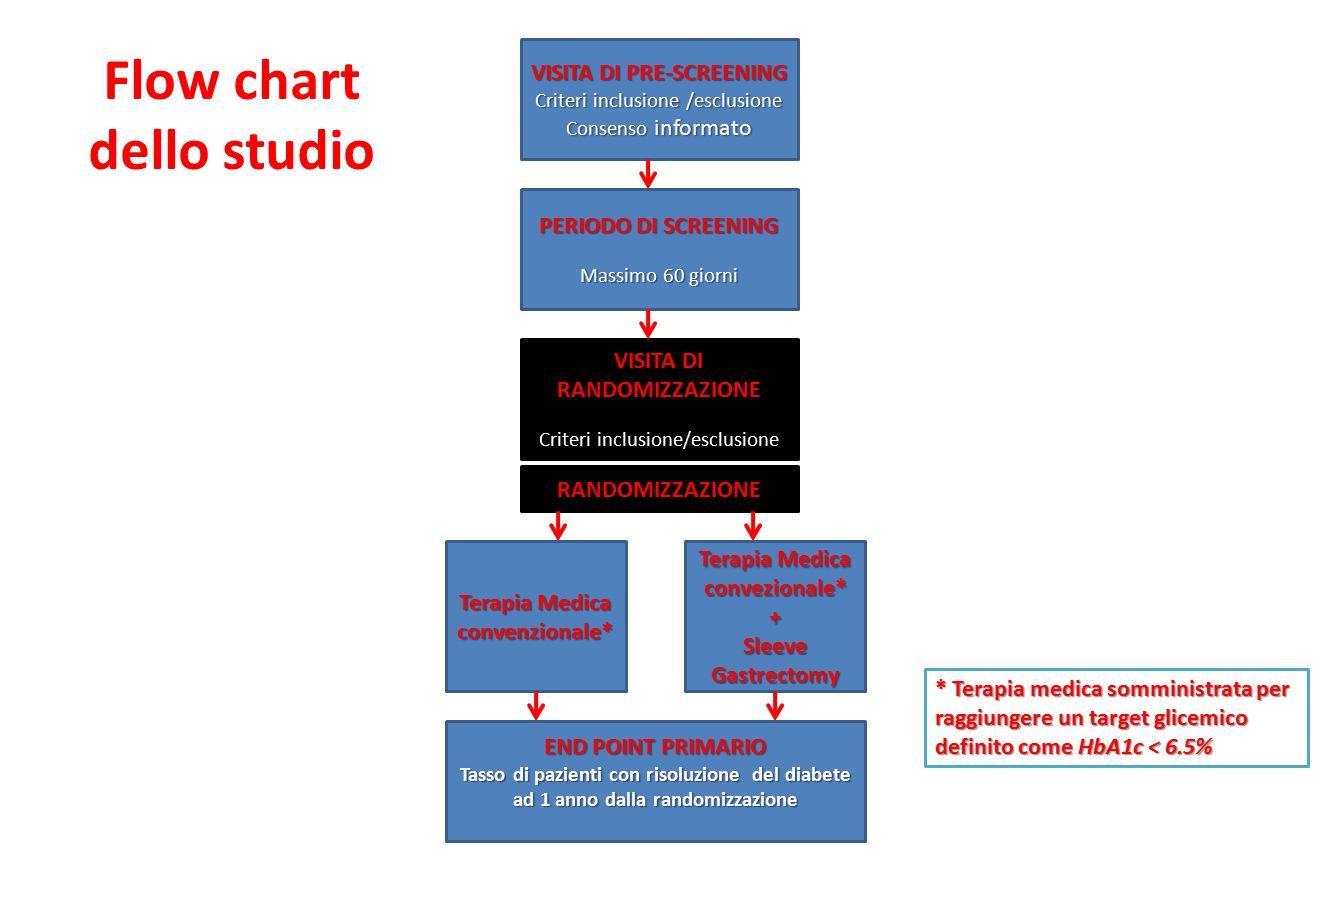 Flow chart dello studio VISITA DI PRE-SCREENING Criteri inclusione /esclusione Consenso informato PERIODO DI SCREENING Massimo 60 giorni VISITA DI RAN